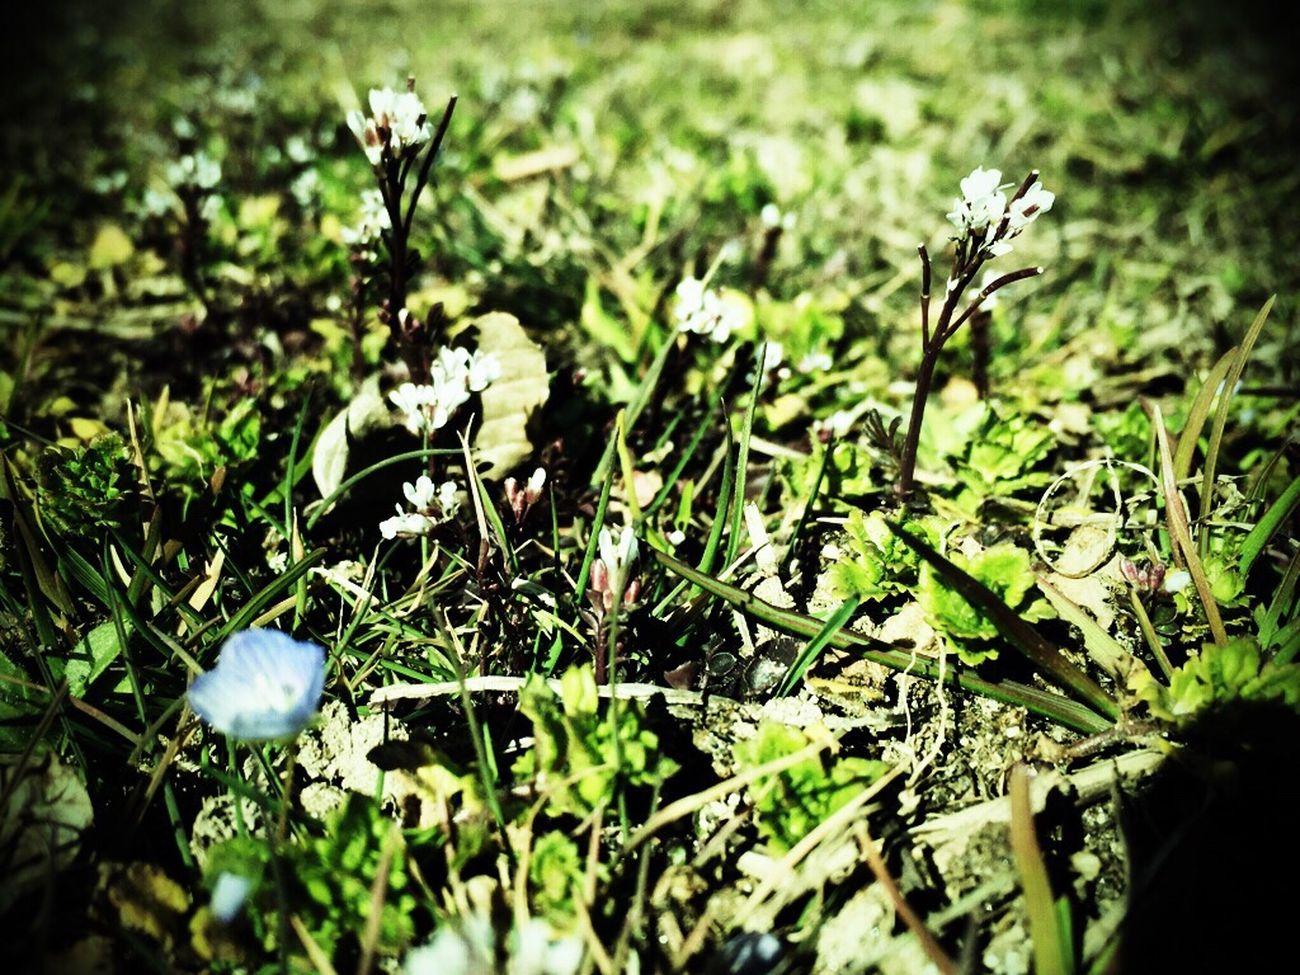 白くて小さい花 なんだろね